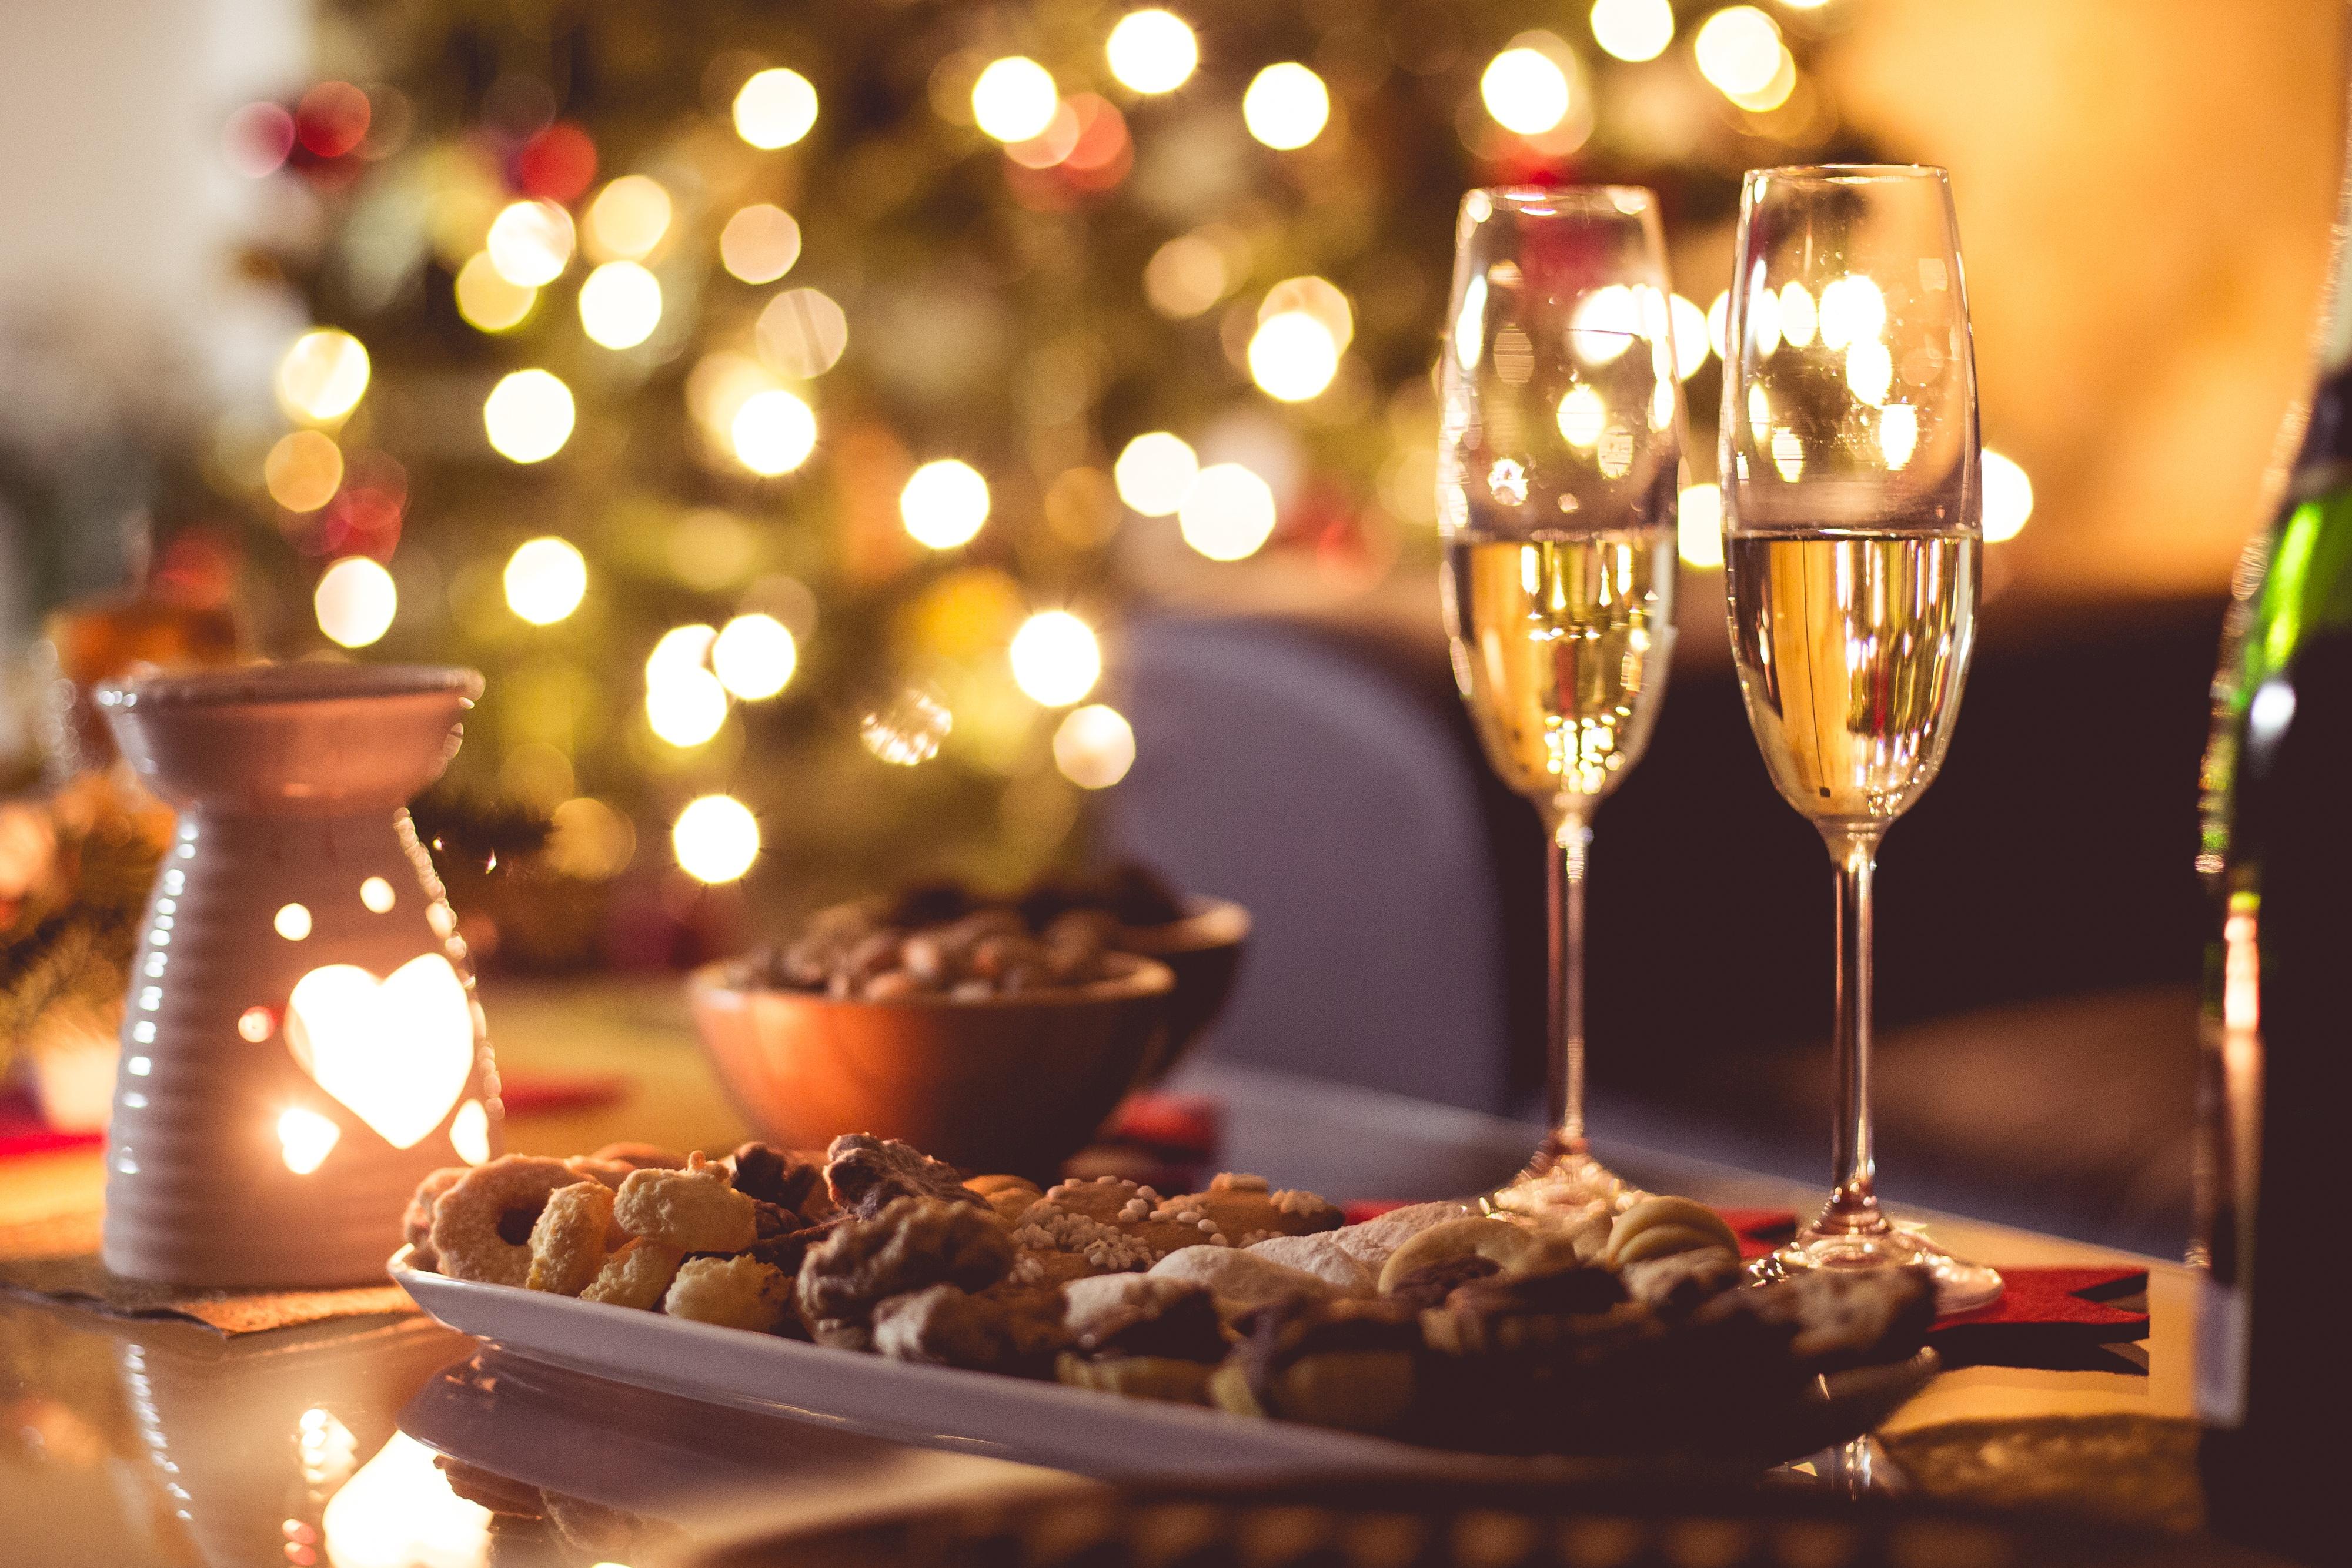 gezond eten tijdens feestdagen